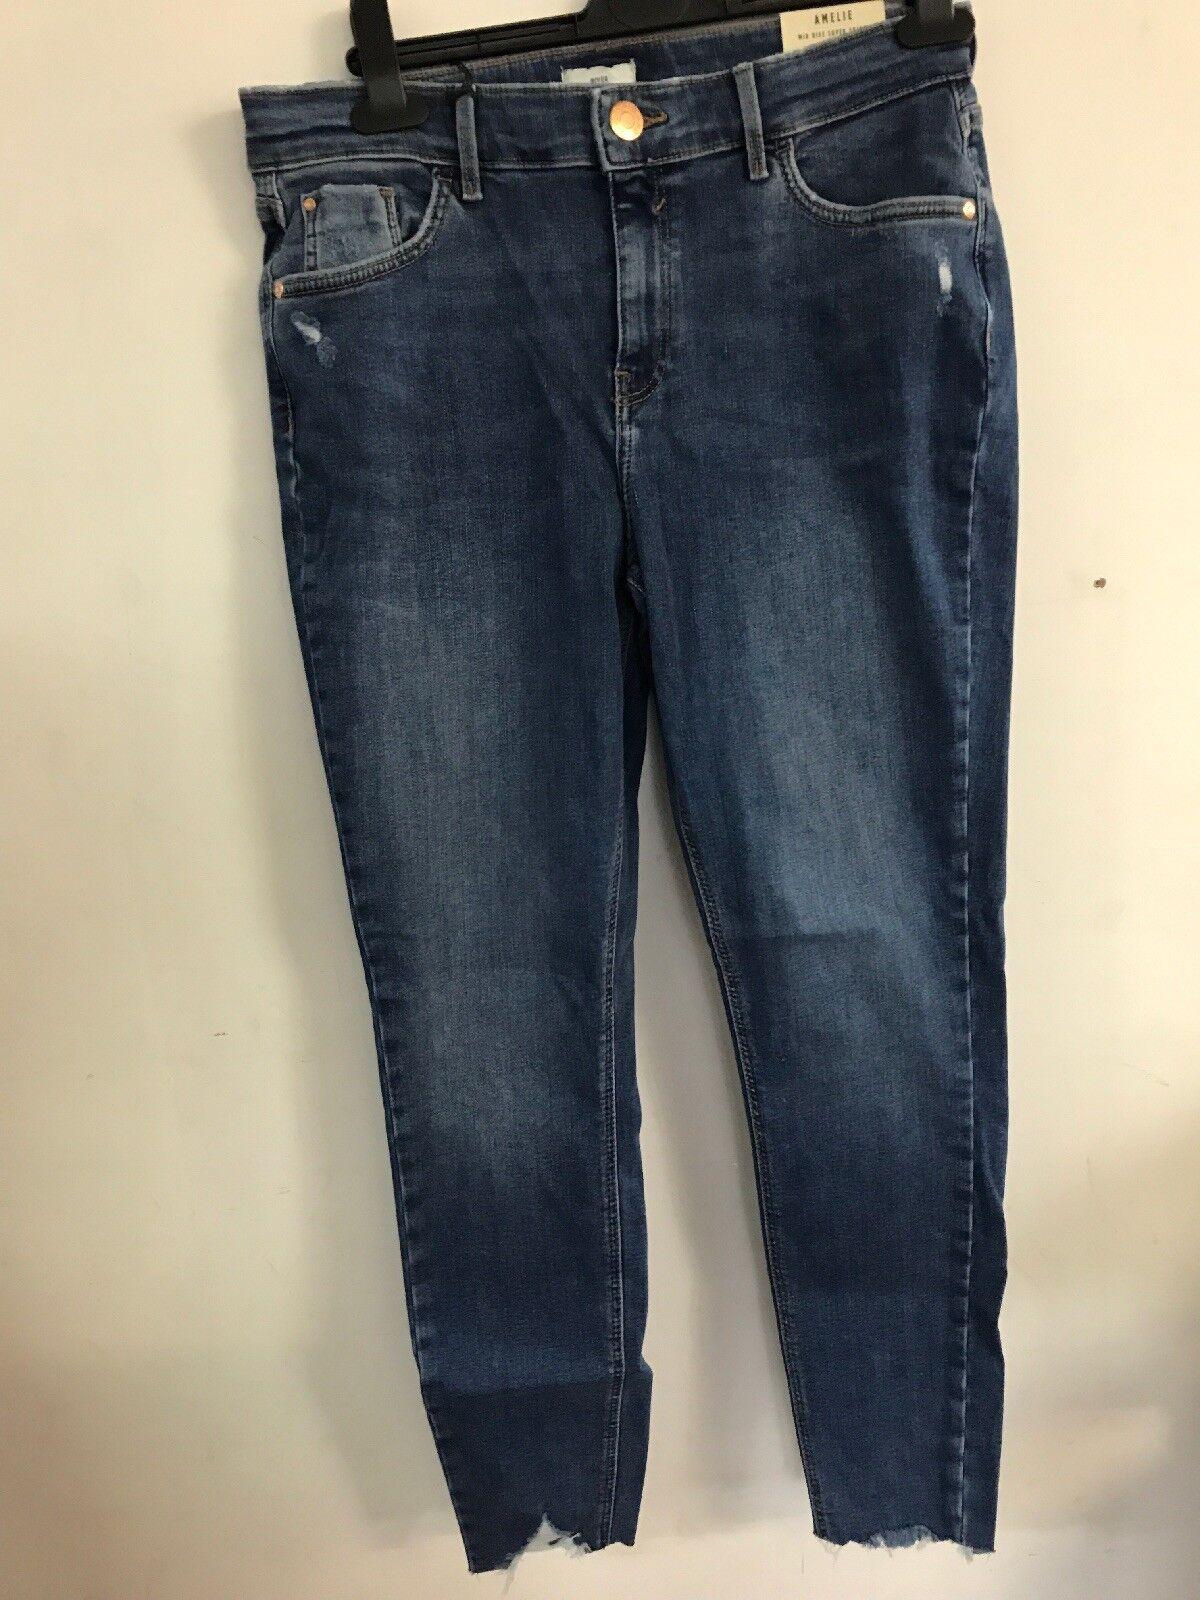 •• River Island damen Mid Blau Denim Amelie super Skinny Jeans UK 8R L32 | Beliebte Empfehlung  | Exquisite Handwerkskunst  | Berühmter Laden  | Rabatt  | Genialität